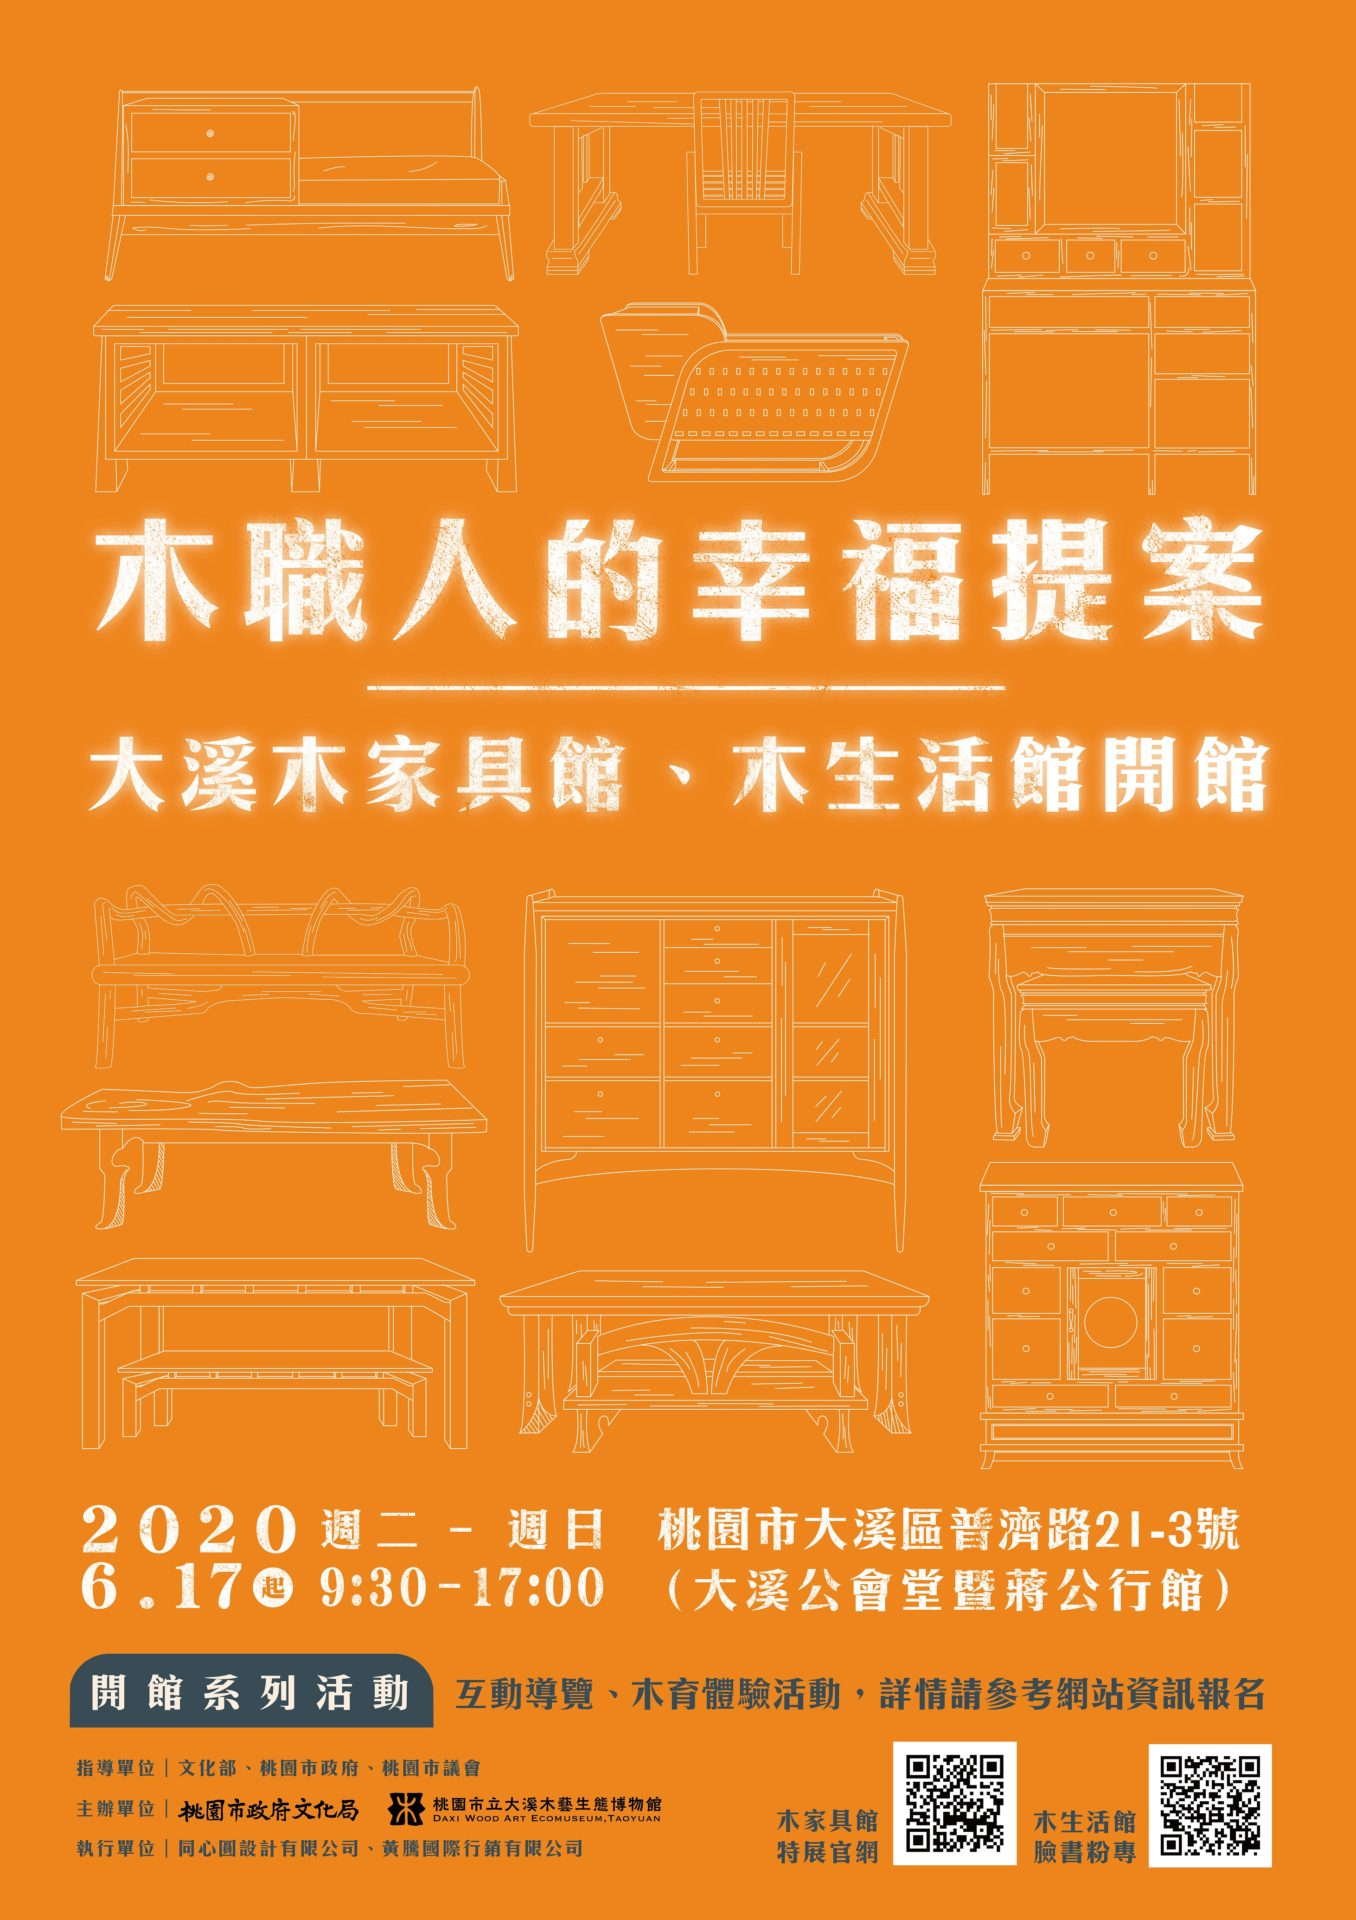 桃園市立大溪木藝生態博物館:2020/06/17起【木職人的幸福提案/開館系列活動】